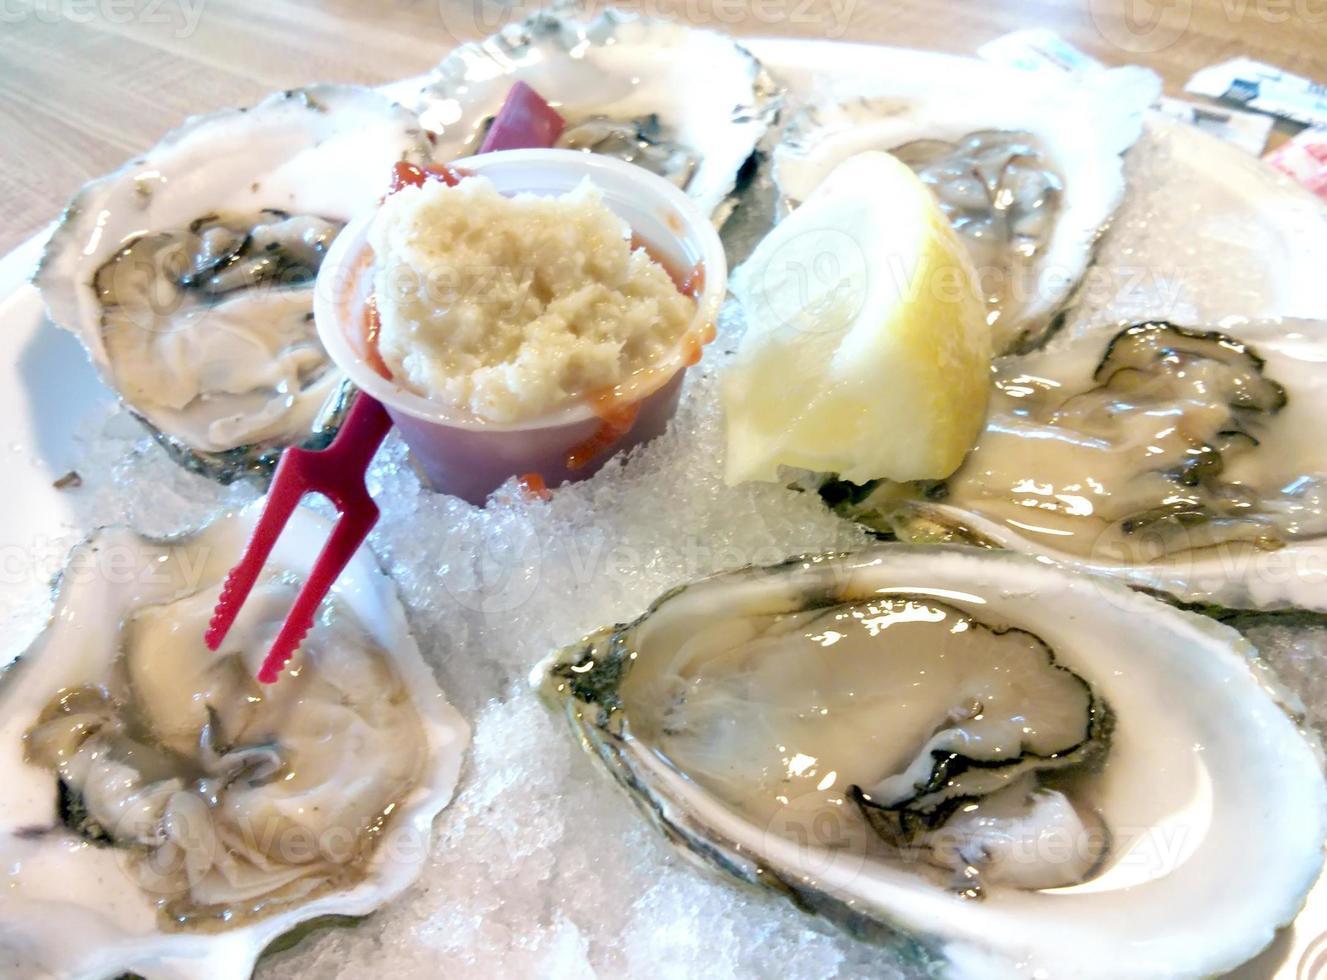 oesters in de halve schaal foto